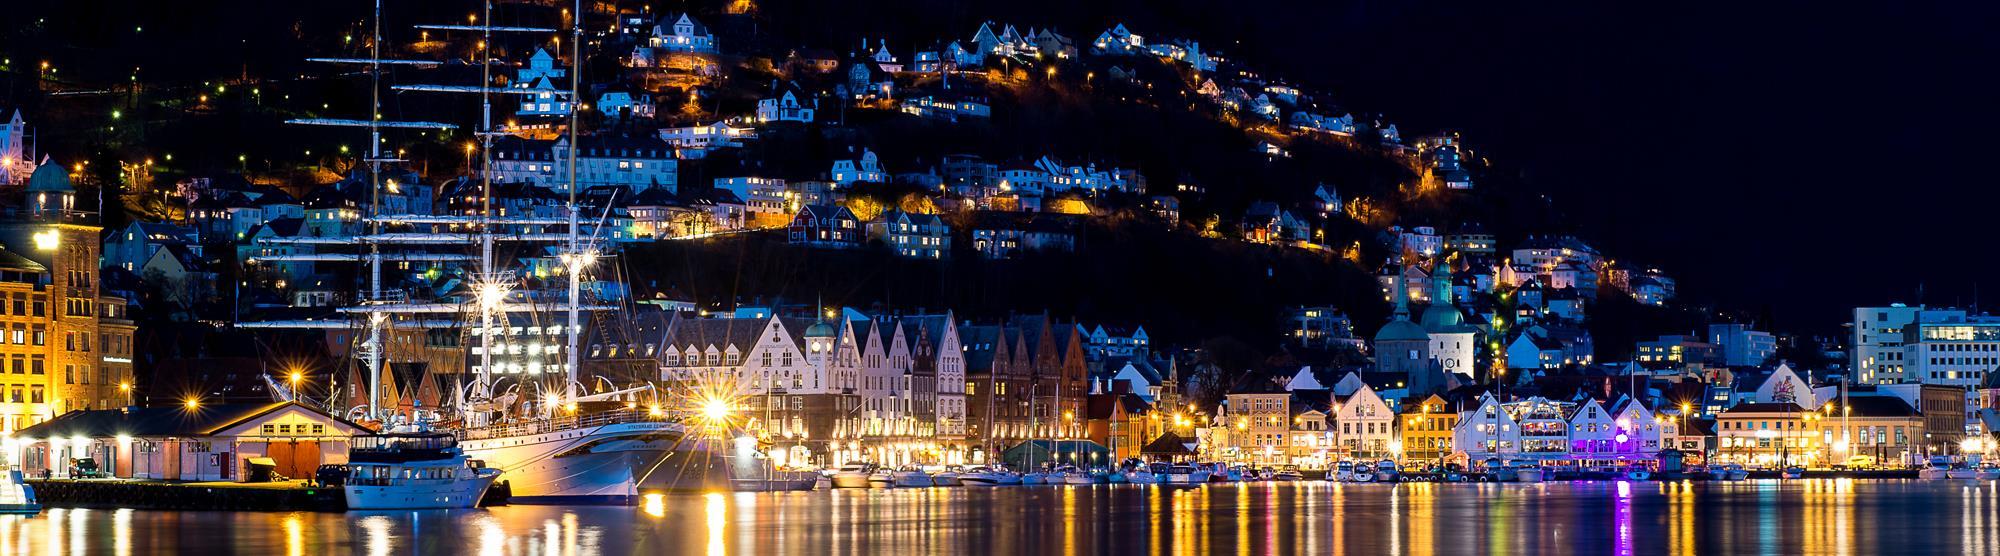 Bergens nightlife